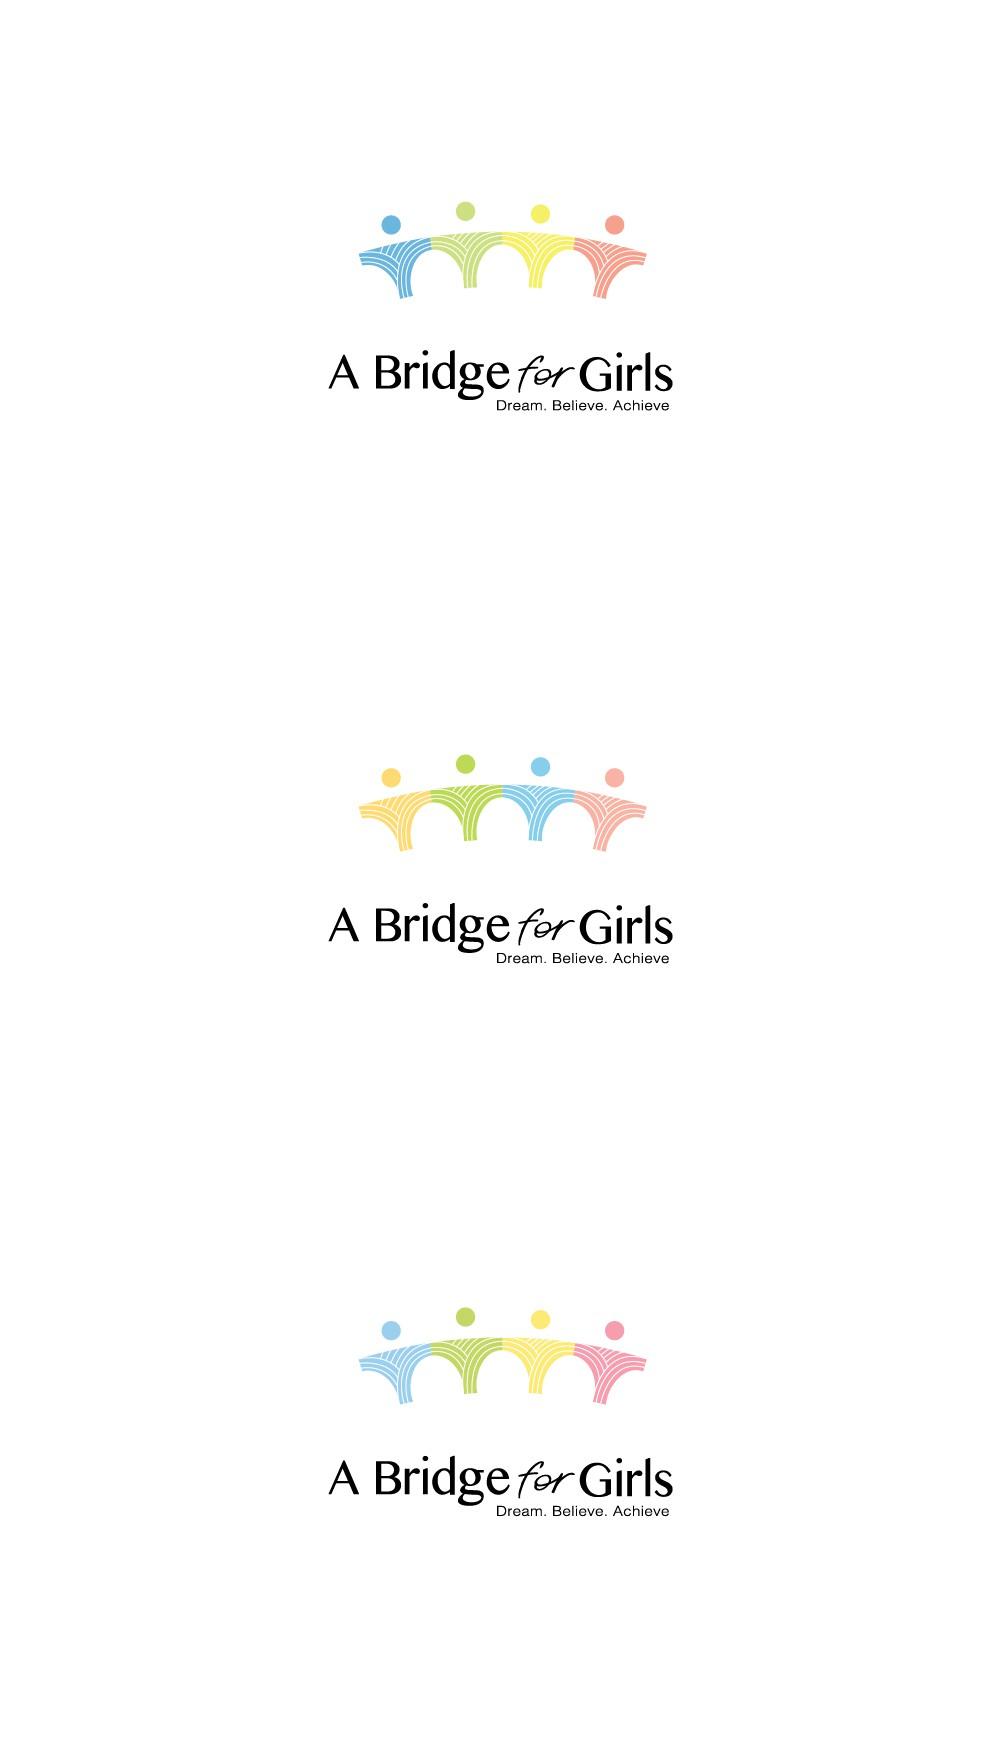 Design a compelling, elegant logo for A Bridge for Girls